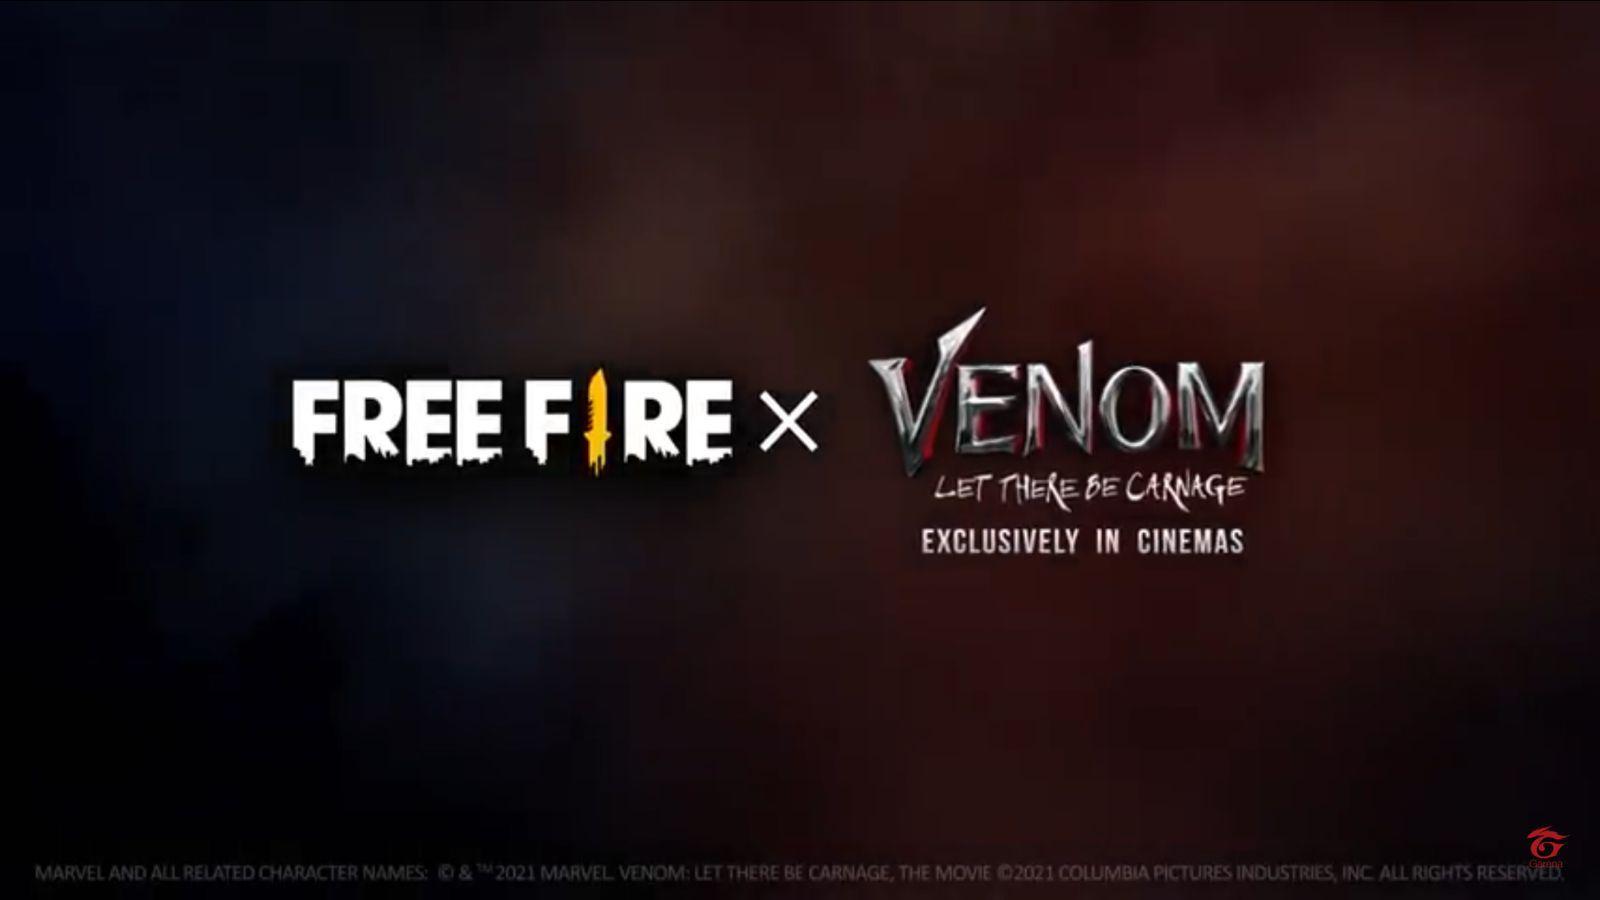 Free Fire x Venom: Logomarca do Free Fire aparece em trailer do filme